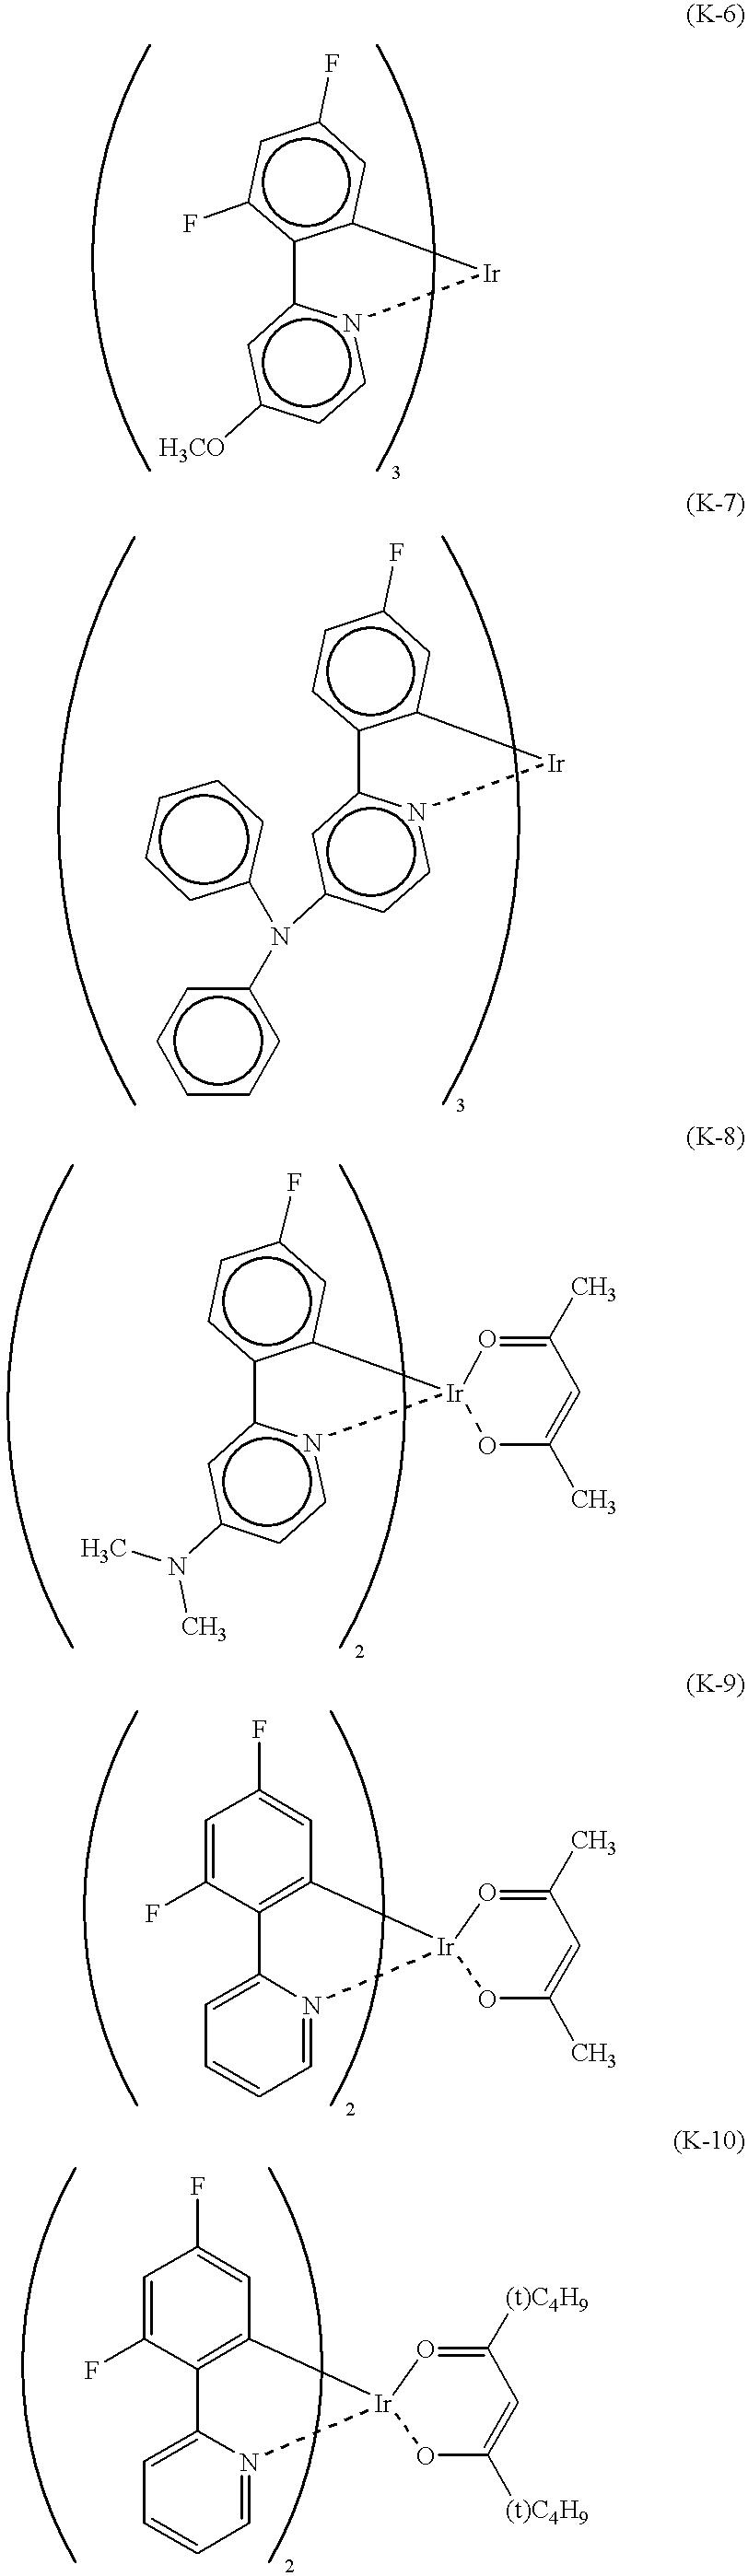 Figure US07306856-20071211-C00009